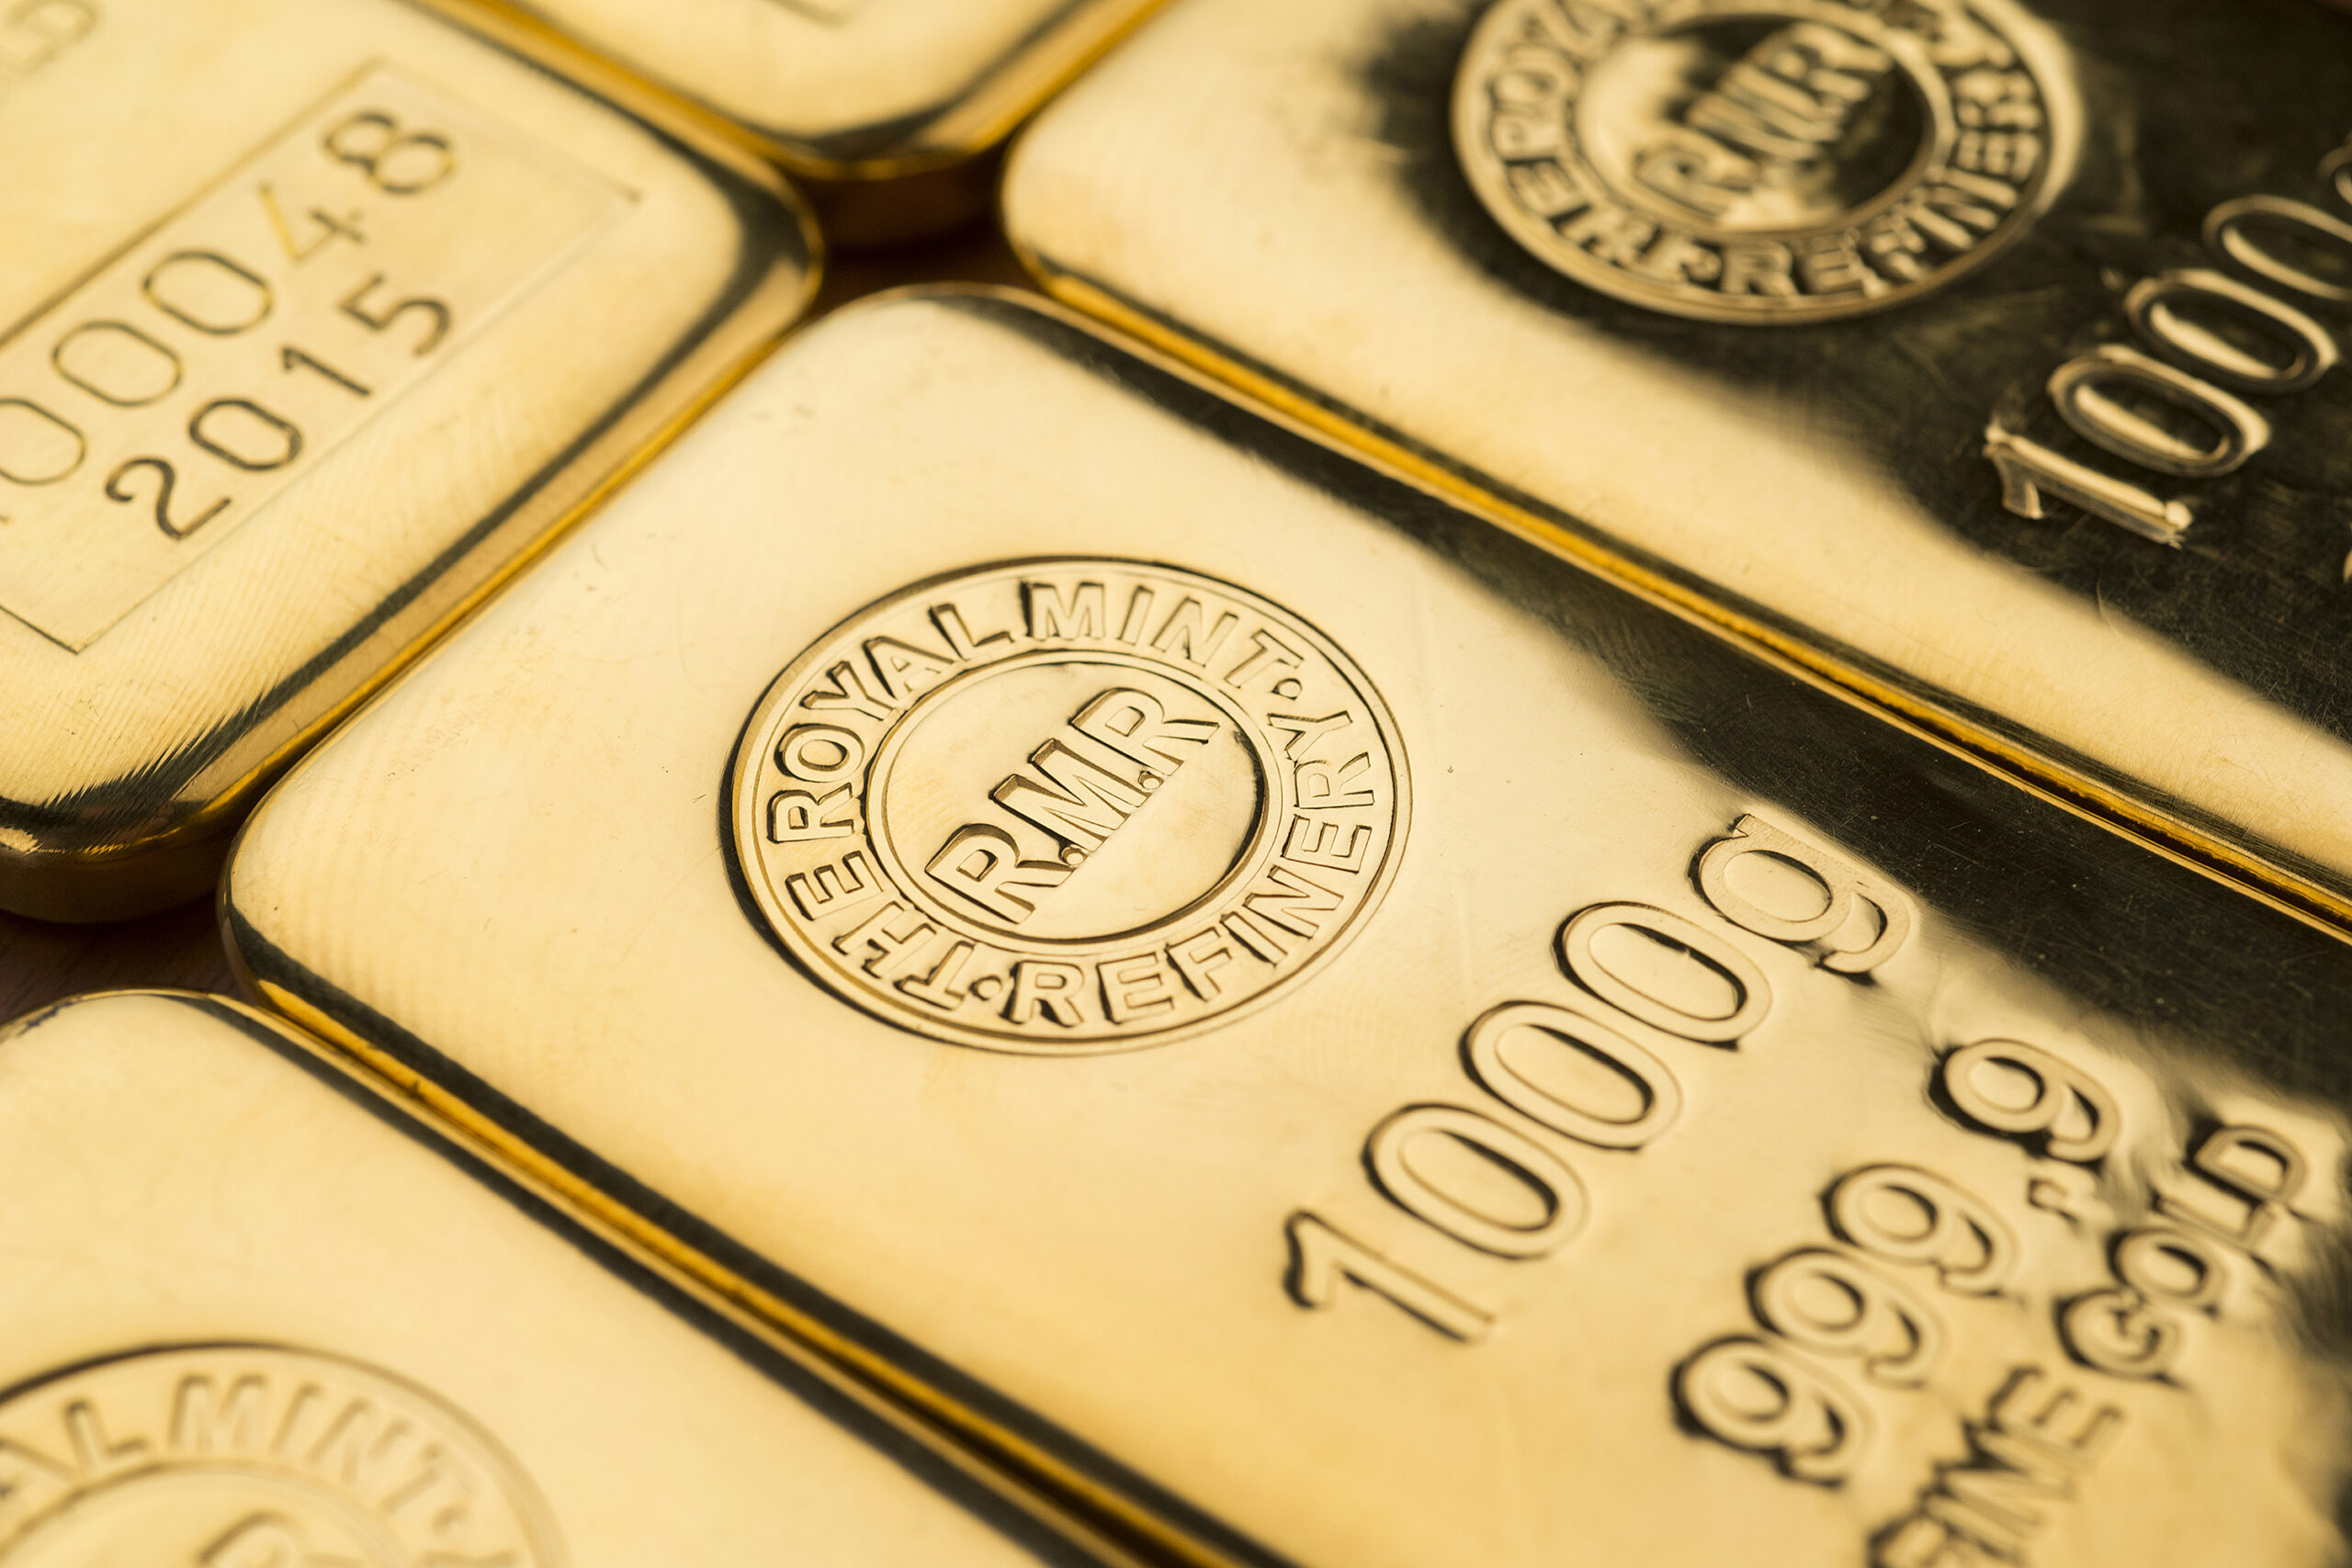 Guldpriset har sjunkit med cirka 27 procent i US-dollar i år. Eftersom guldpriset fortsätter ner och fallet överstiger 20 procent är guld sedan en tid